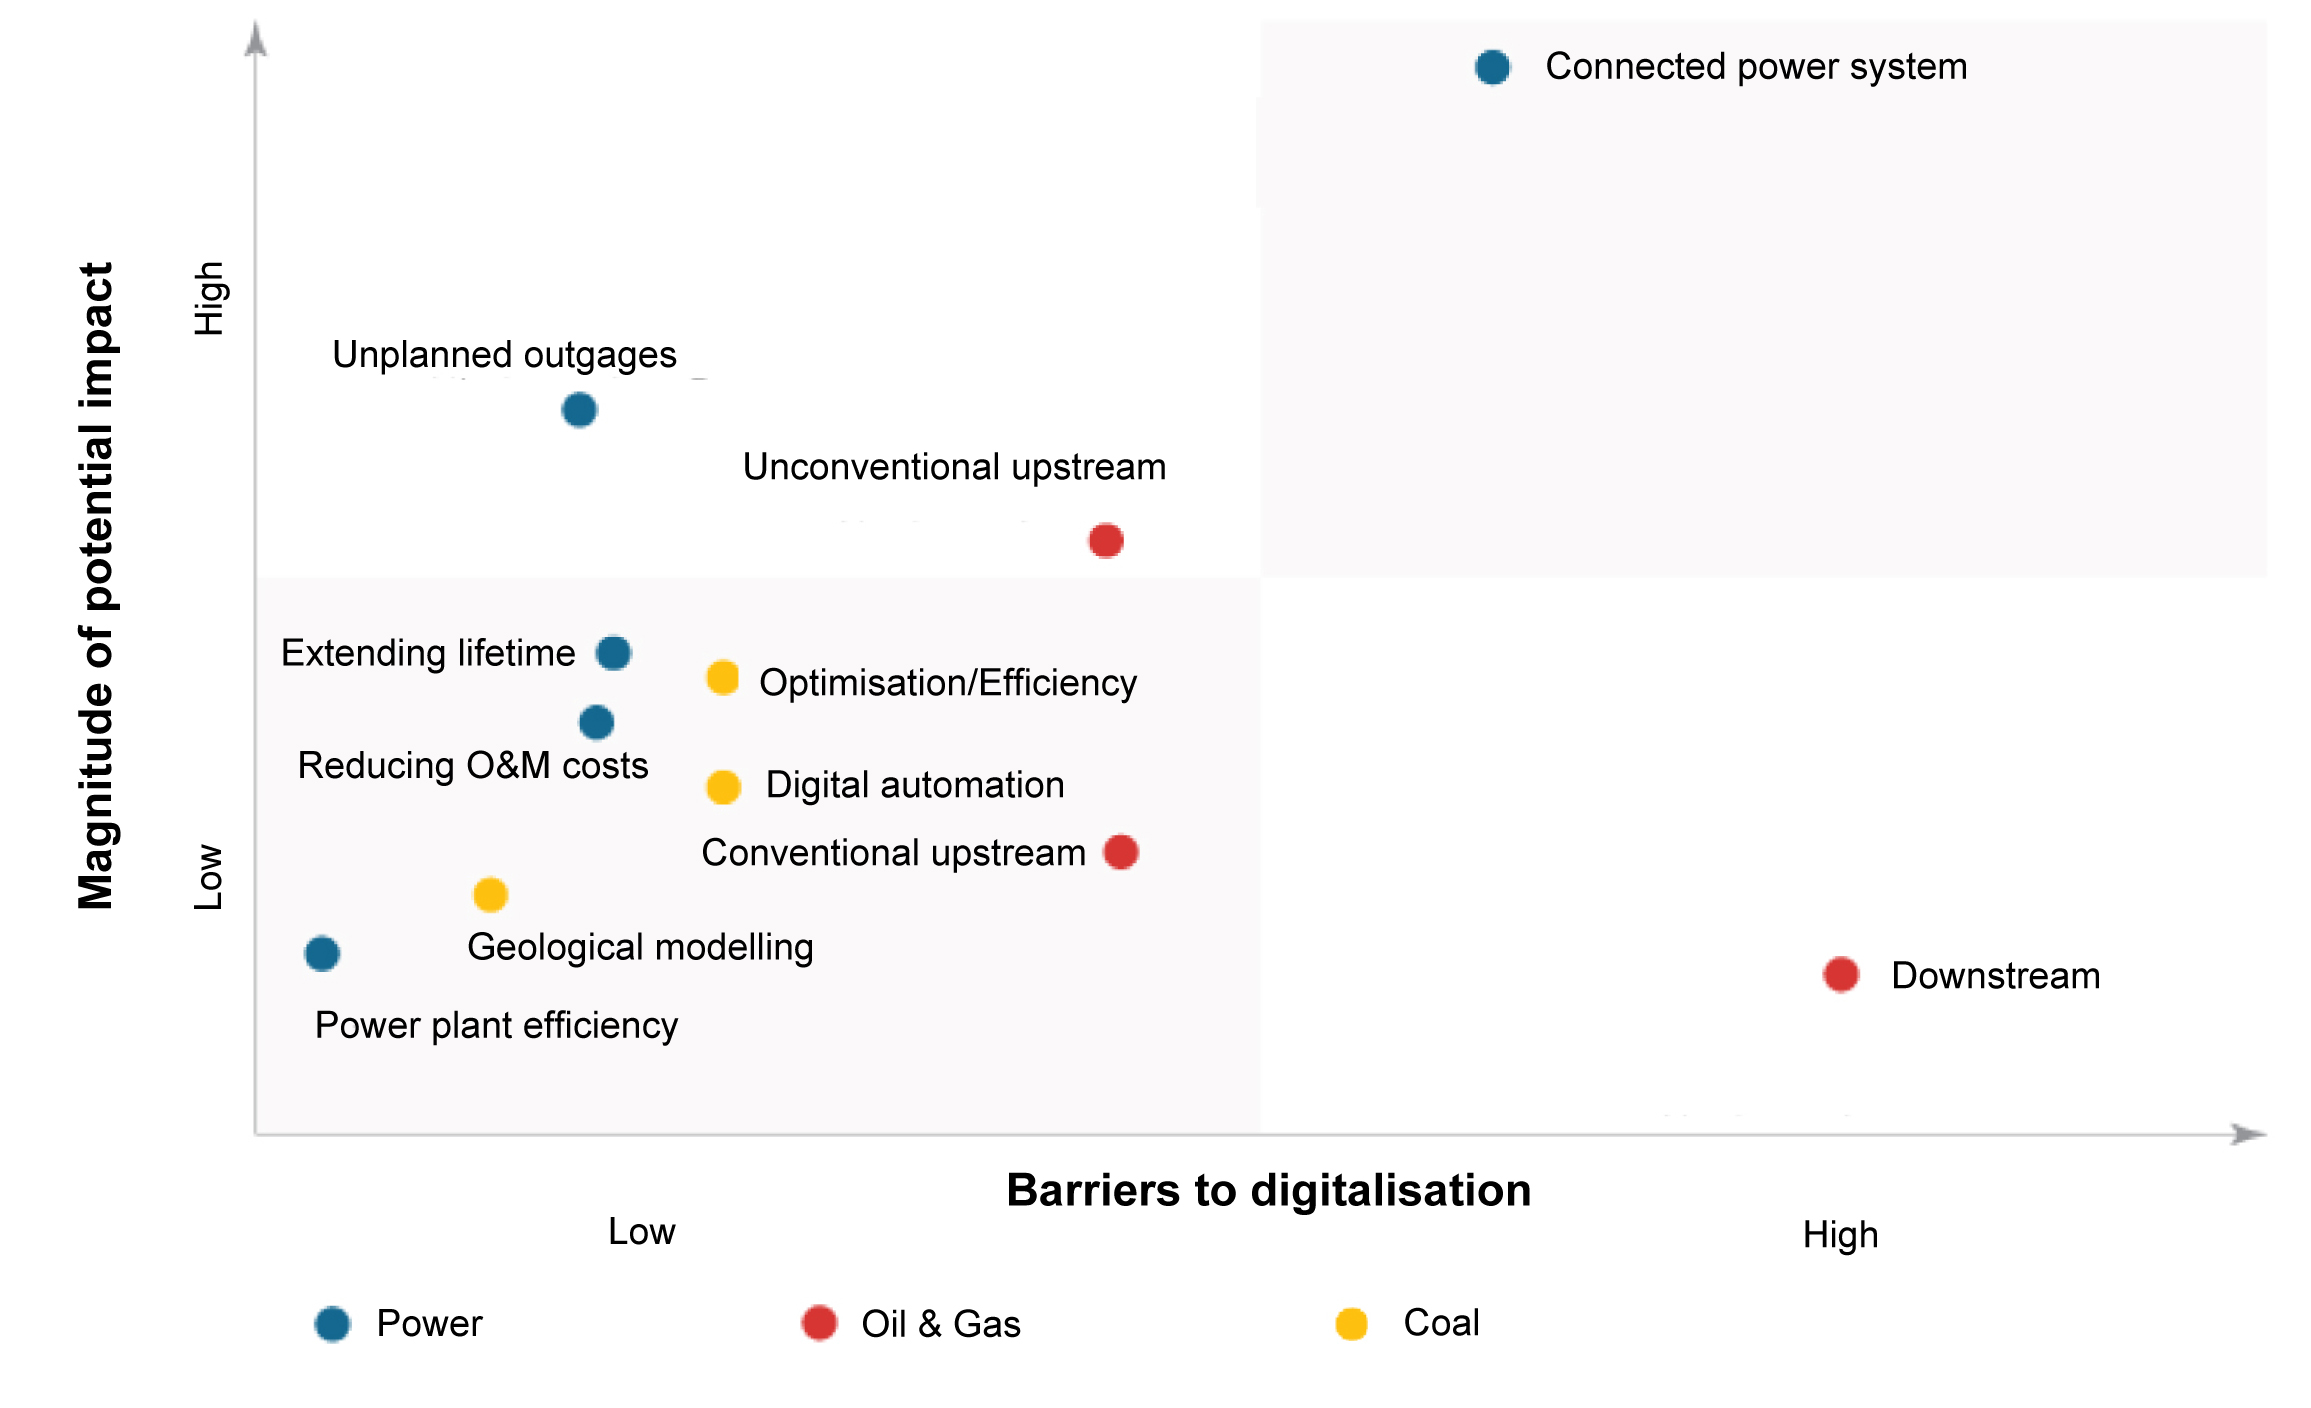 Рис. 4. Степень влияния и барьеры по внедрению цифровых систем в традиционную углеводородную энергетику. Источник: отчет IEA «Digitalization and Energy», 2017.